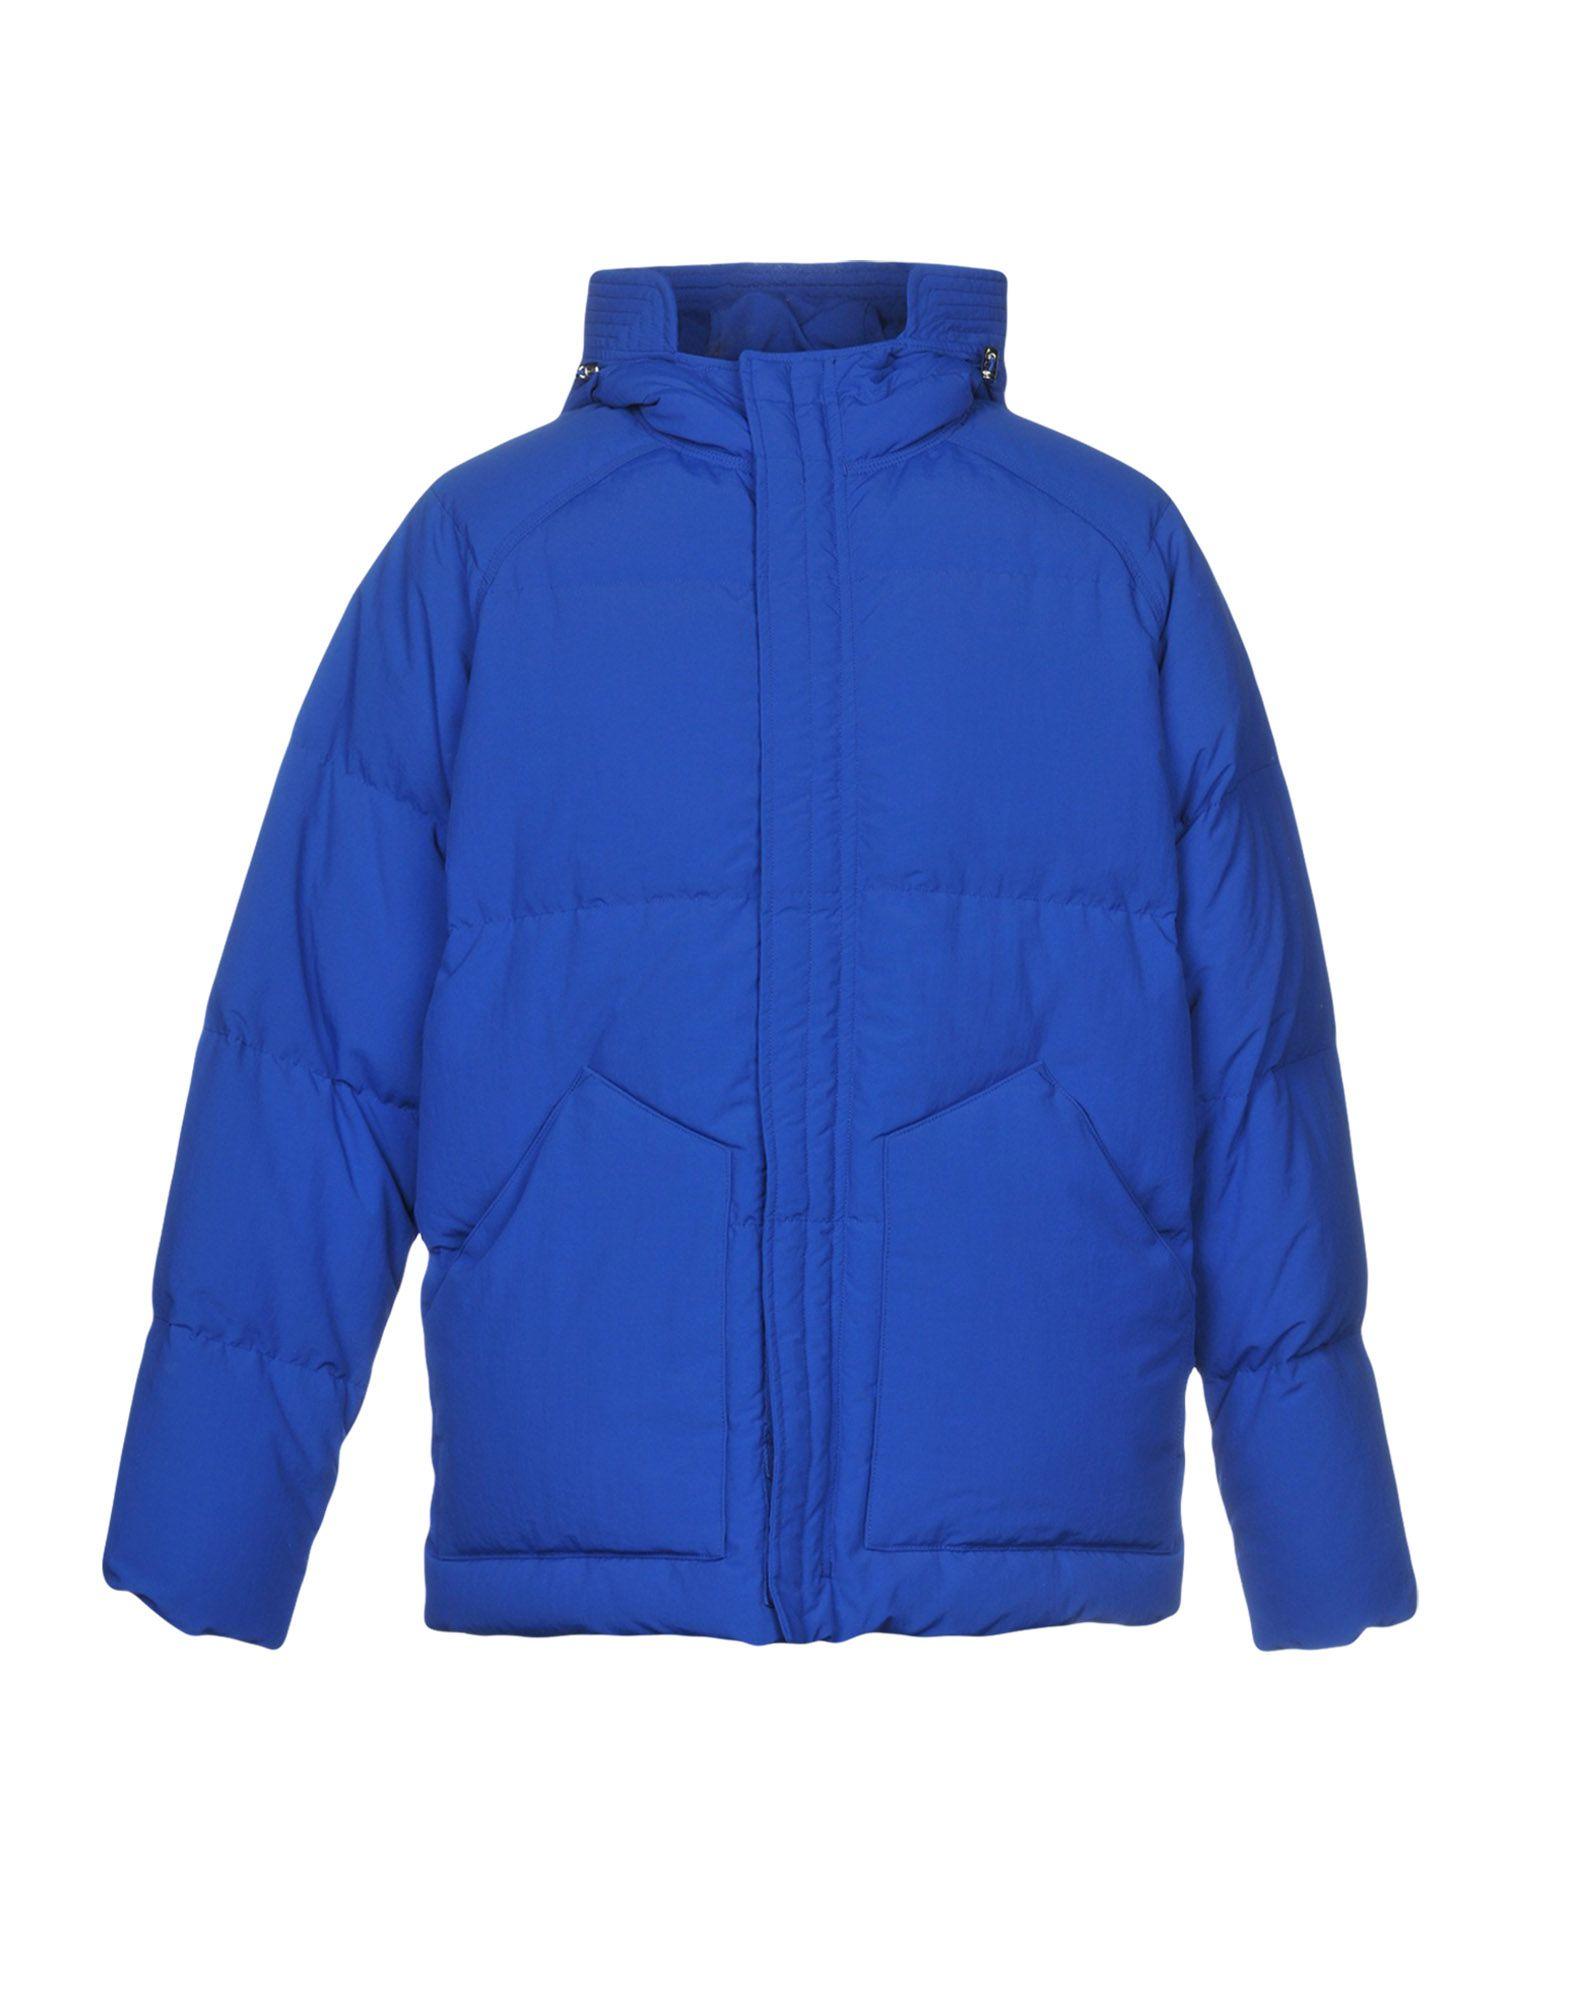 《送料無料》BELLEROSE メンズ ダウンジャケット ブライトブルー M ナイロン